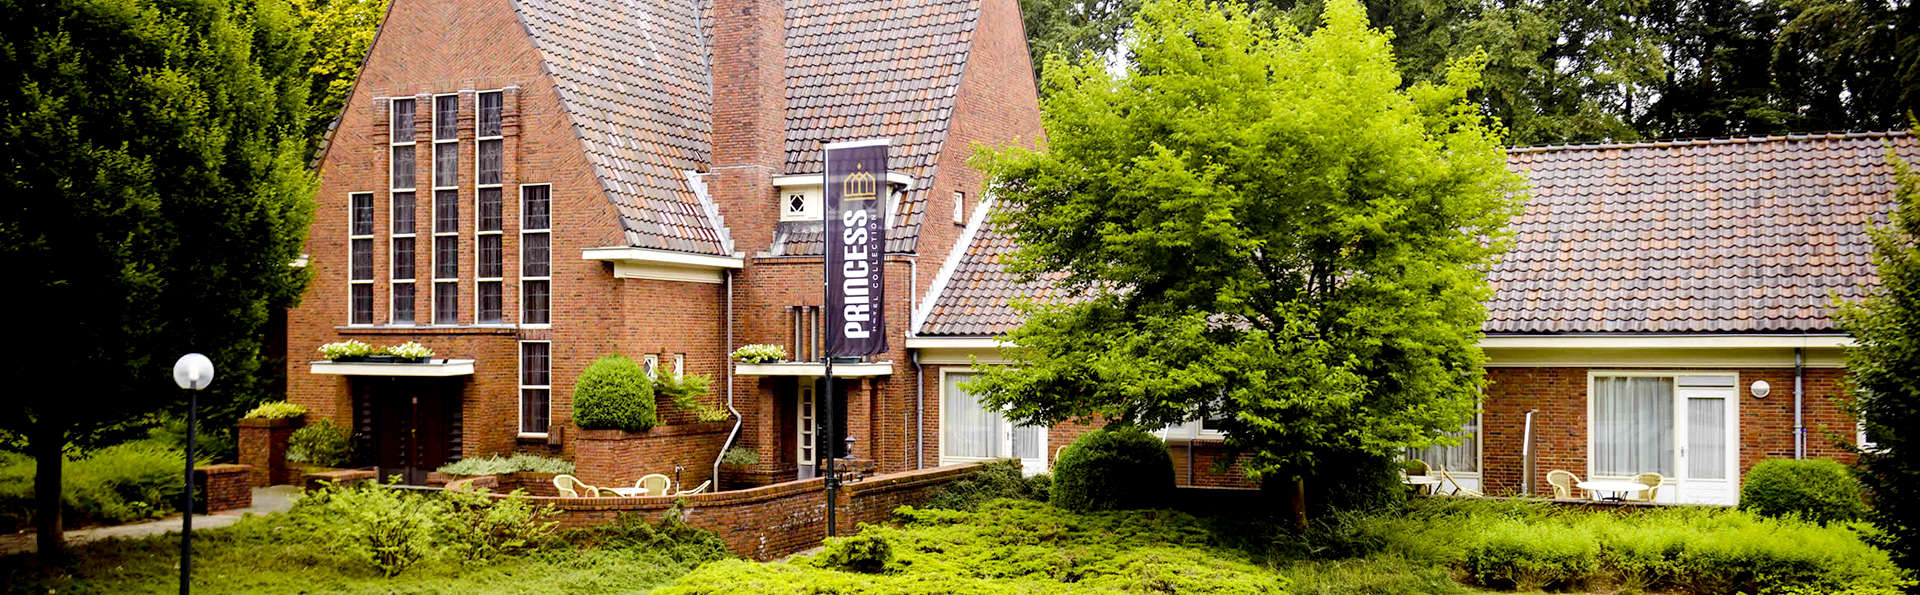 Fletcher Hotel Restaurant Beekbergen-Apeldoorn - Edit_Front2.jpg